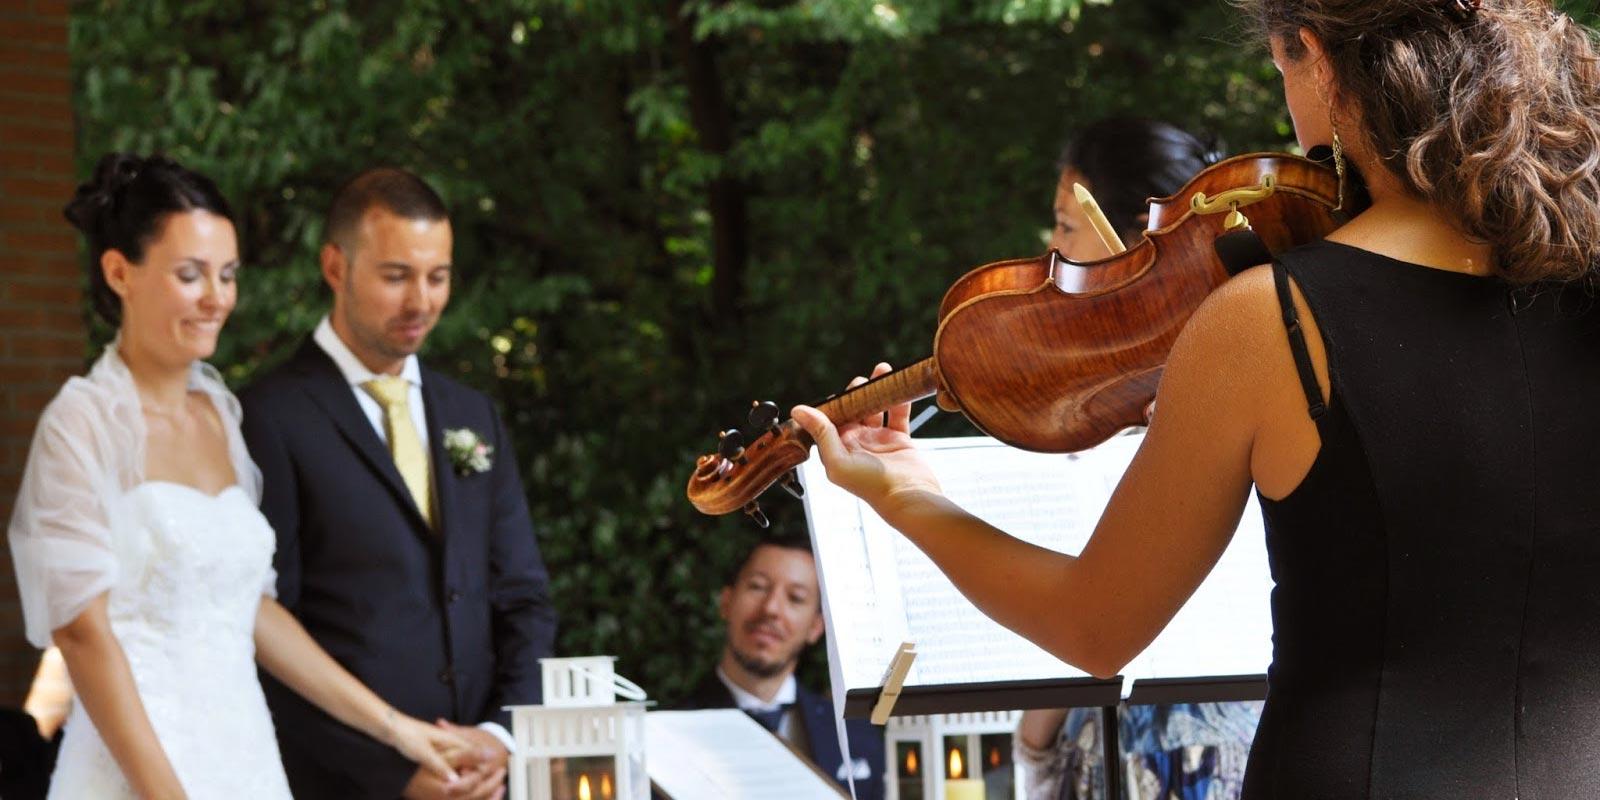 Matrimonio Simbolico Chi Lo Celebra : Musica per matrimonio simbolico celebrante